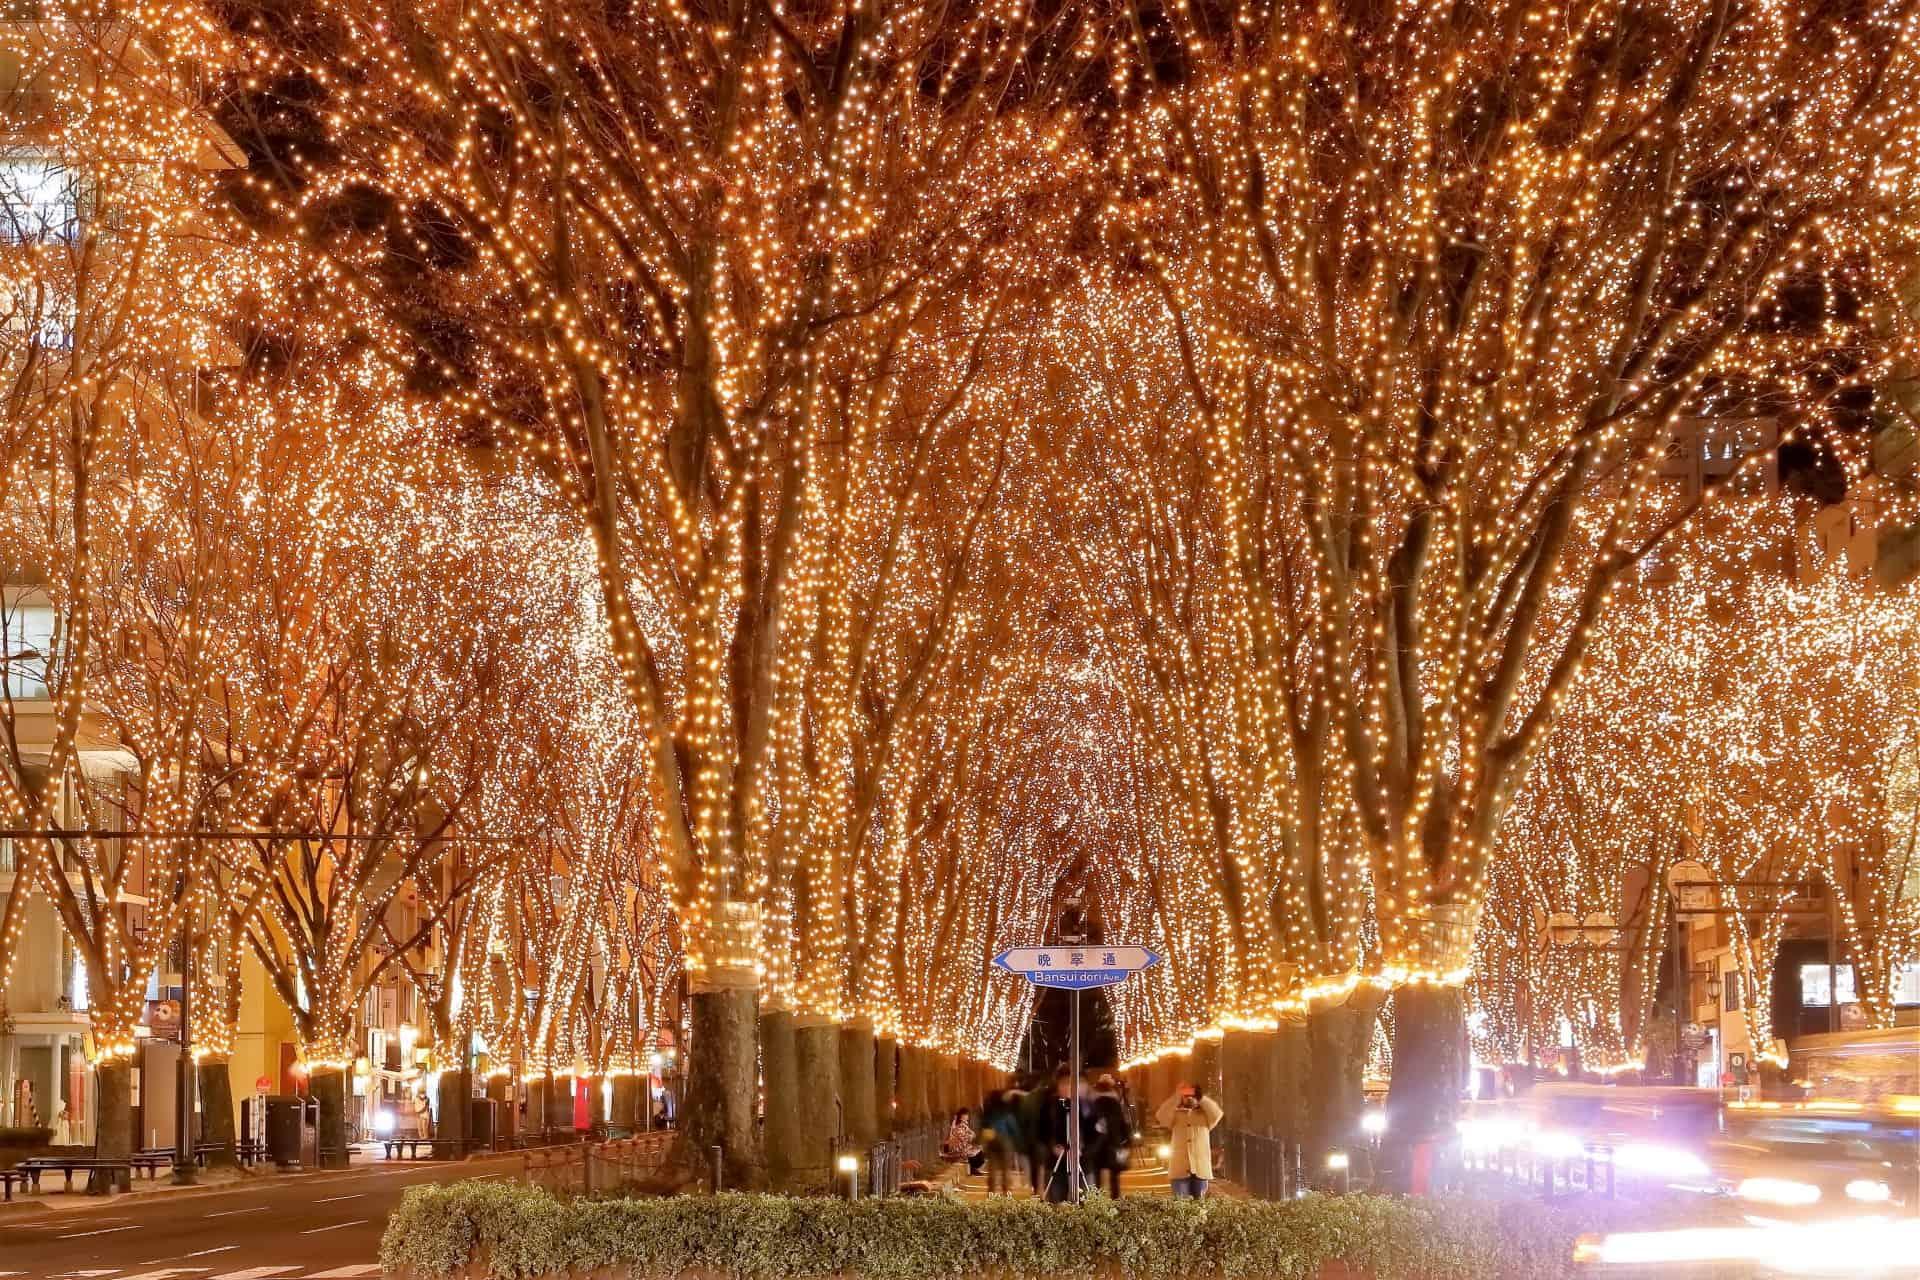 ชมไฟประดับ ใน ฤดูหนาว ที่ภูมิภาค โทโฮคุ SENDAI Pageant of Starlight